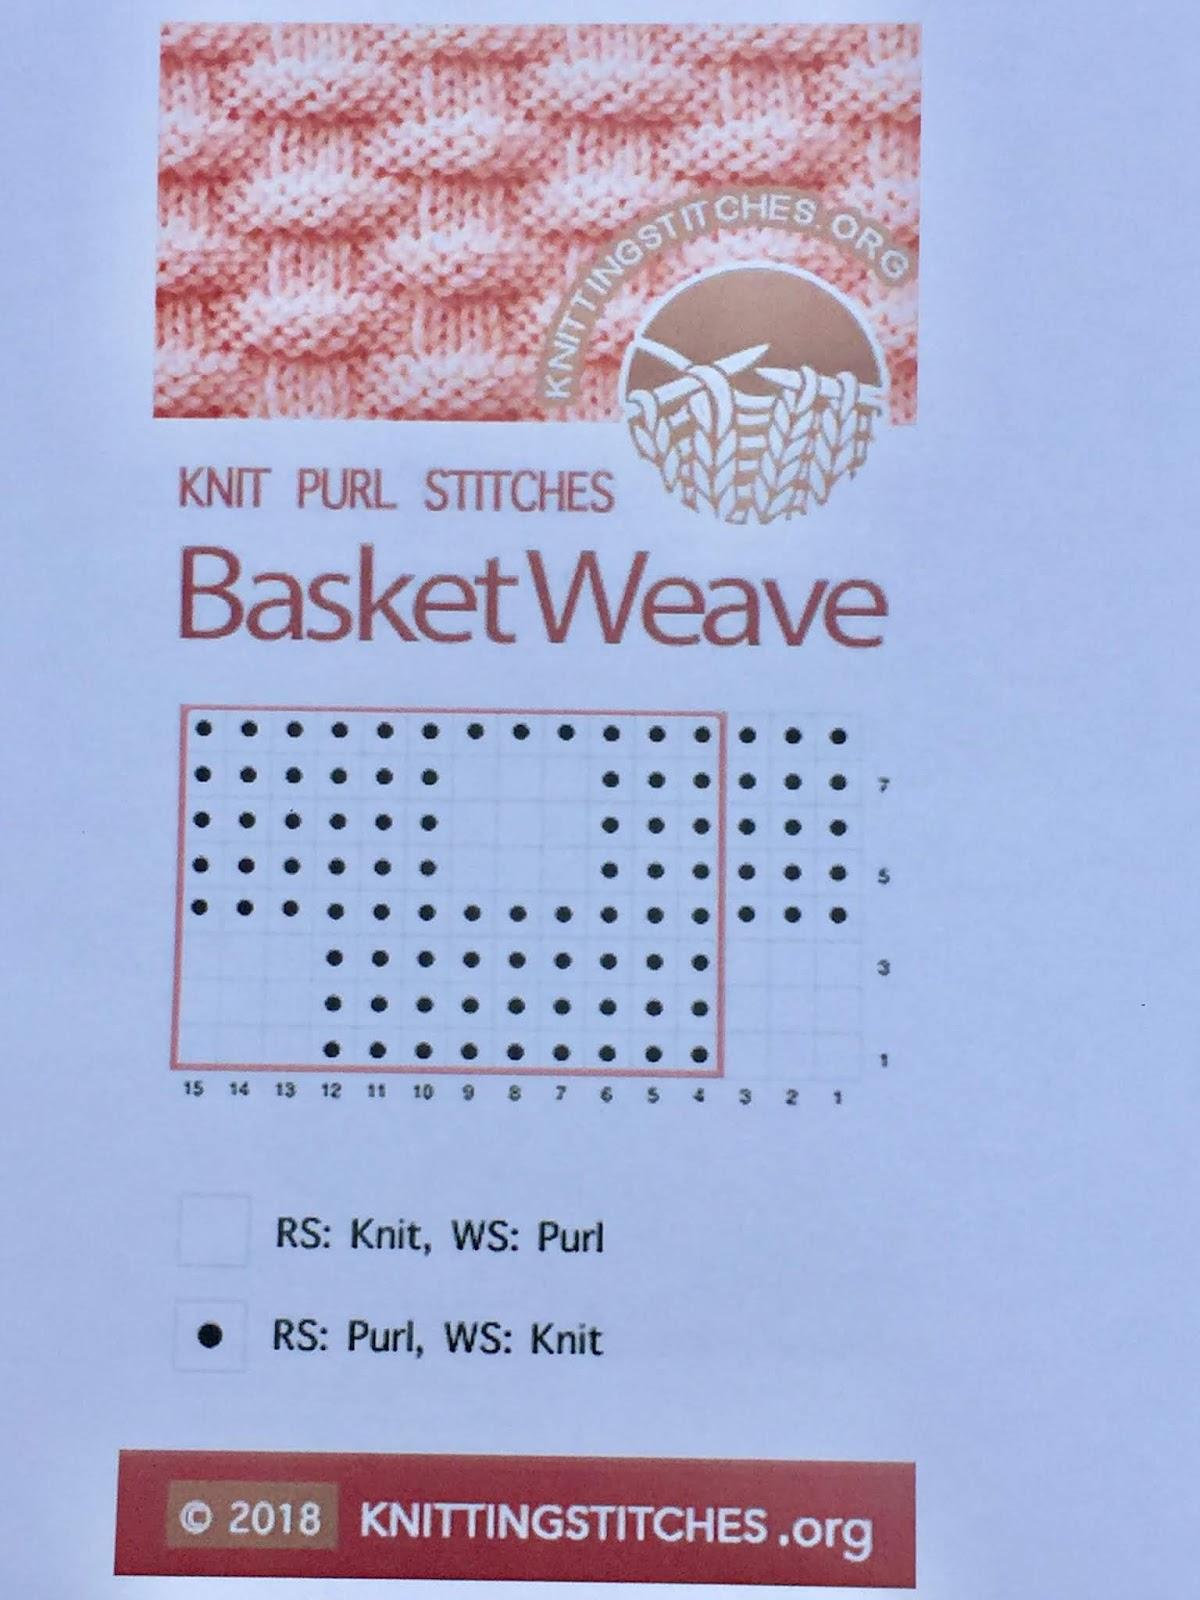 Knitting Stitches 2018 - Basket Weave Knit Purl Pattern